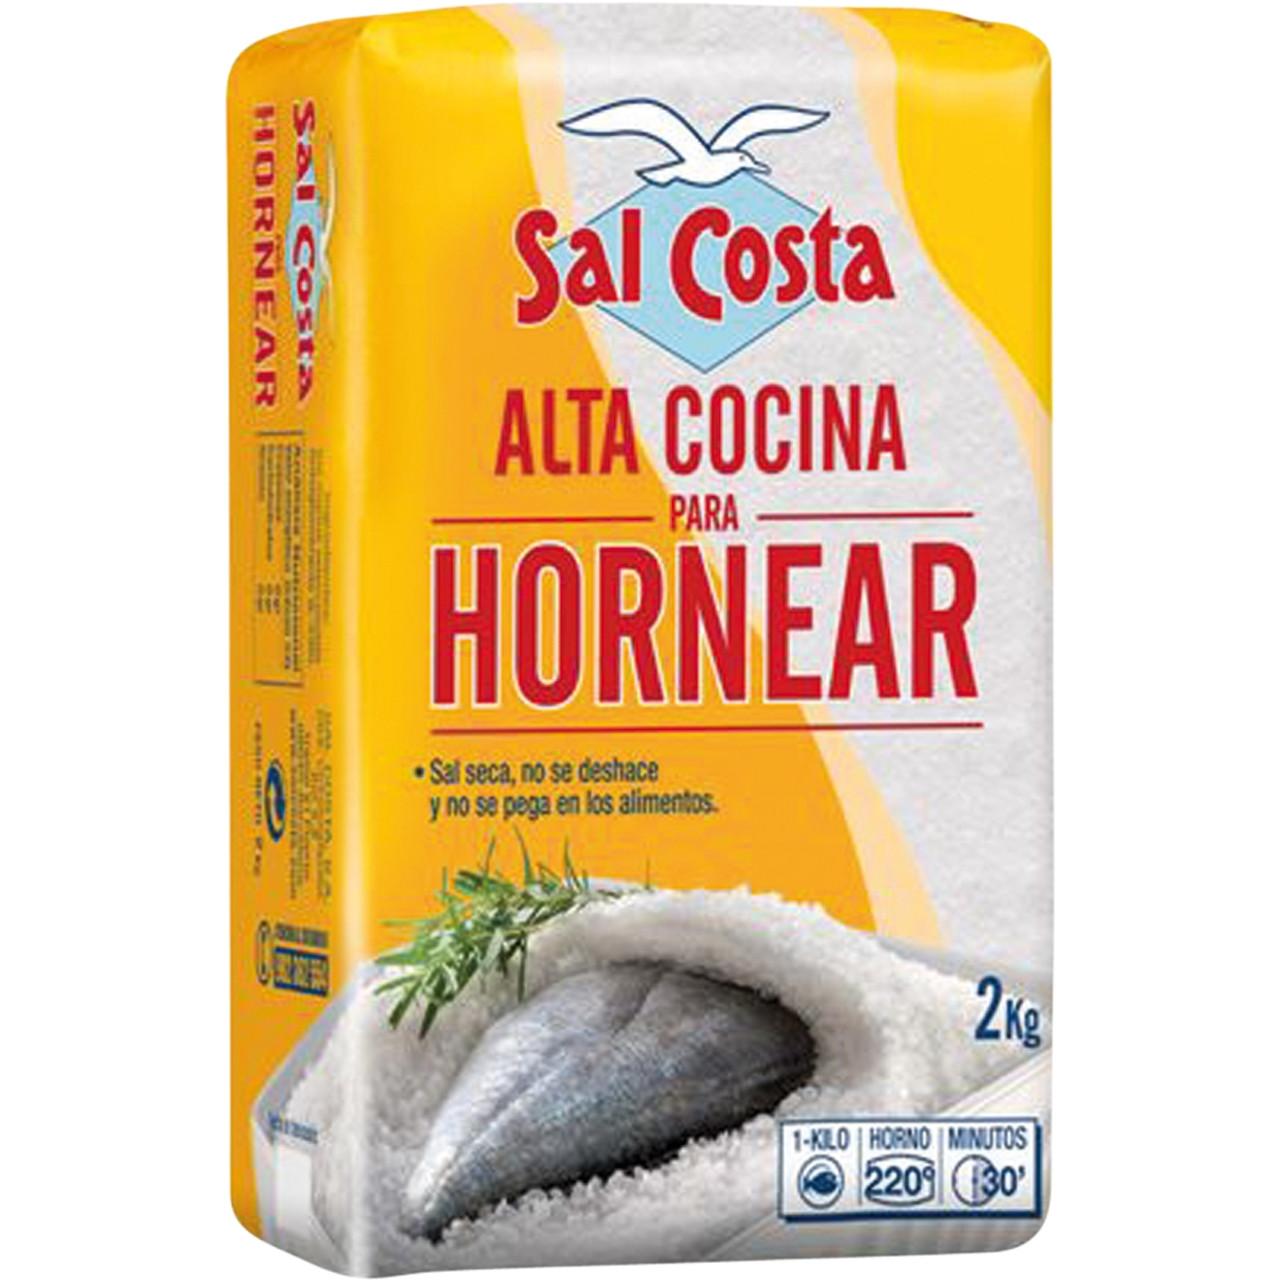 Sal Costa alta cuina